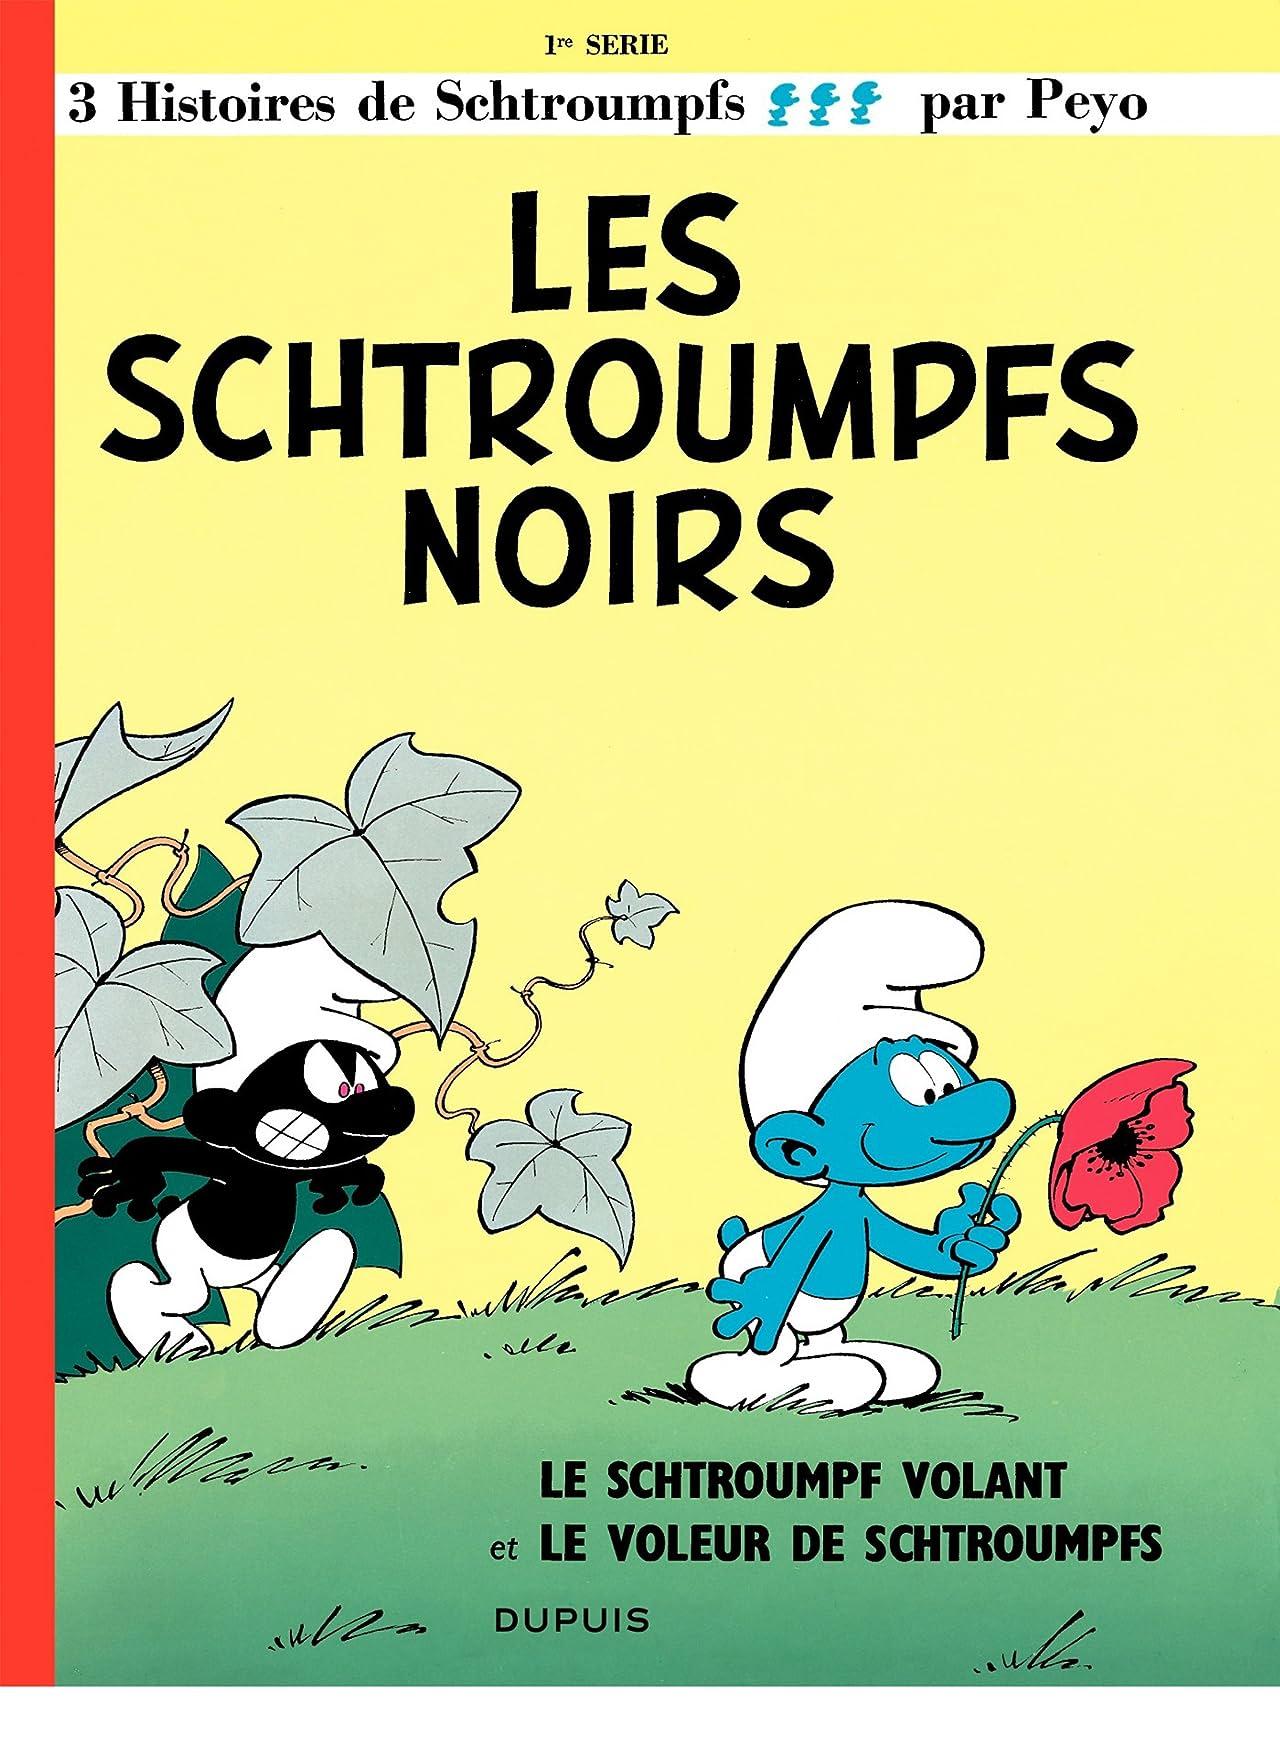 Les Schtroumpfs Vol. 1: Les Schtroumpfs noirs